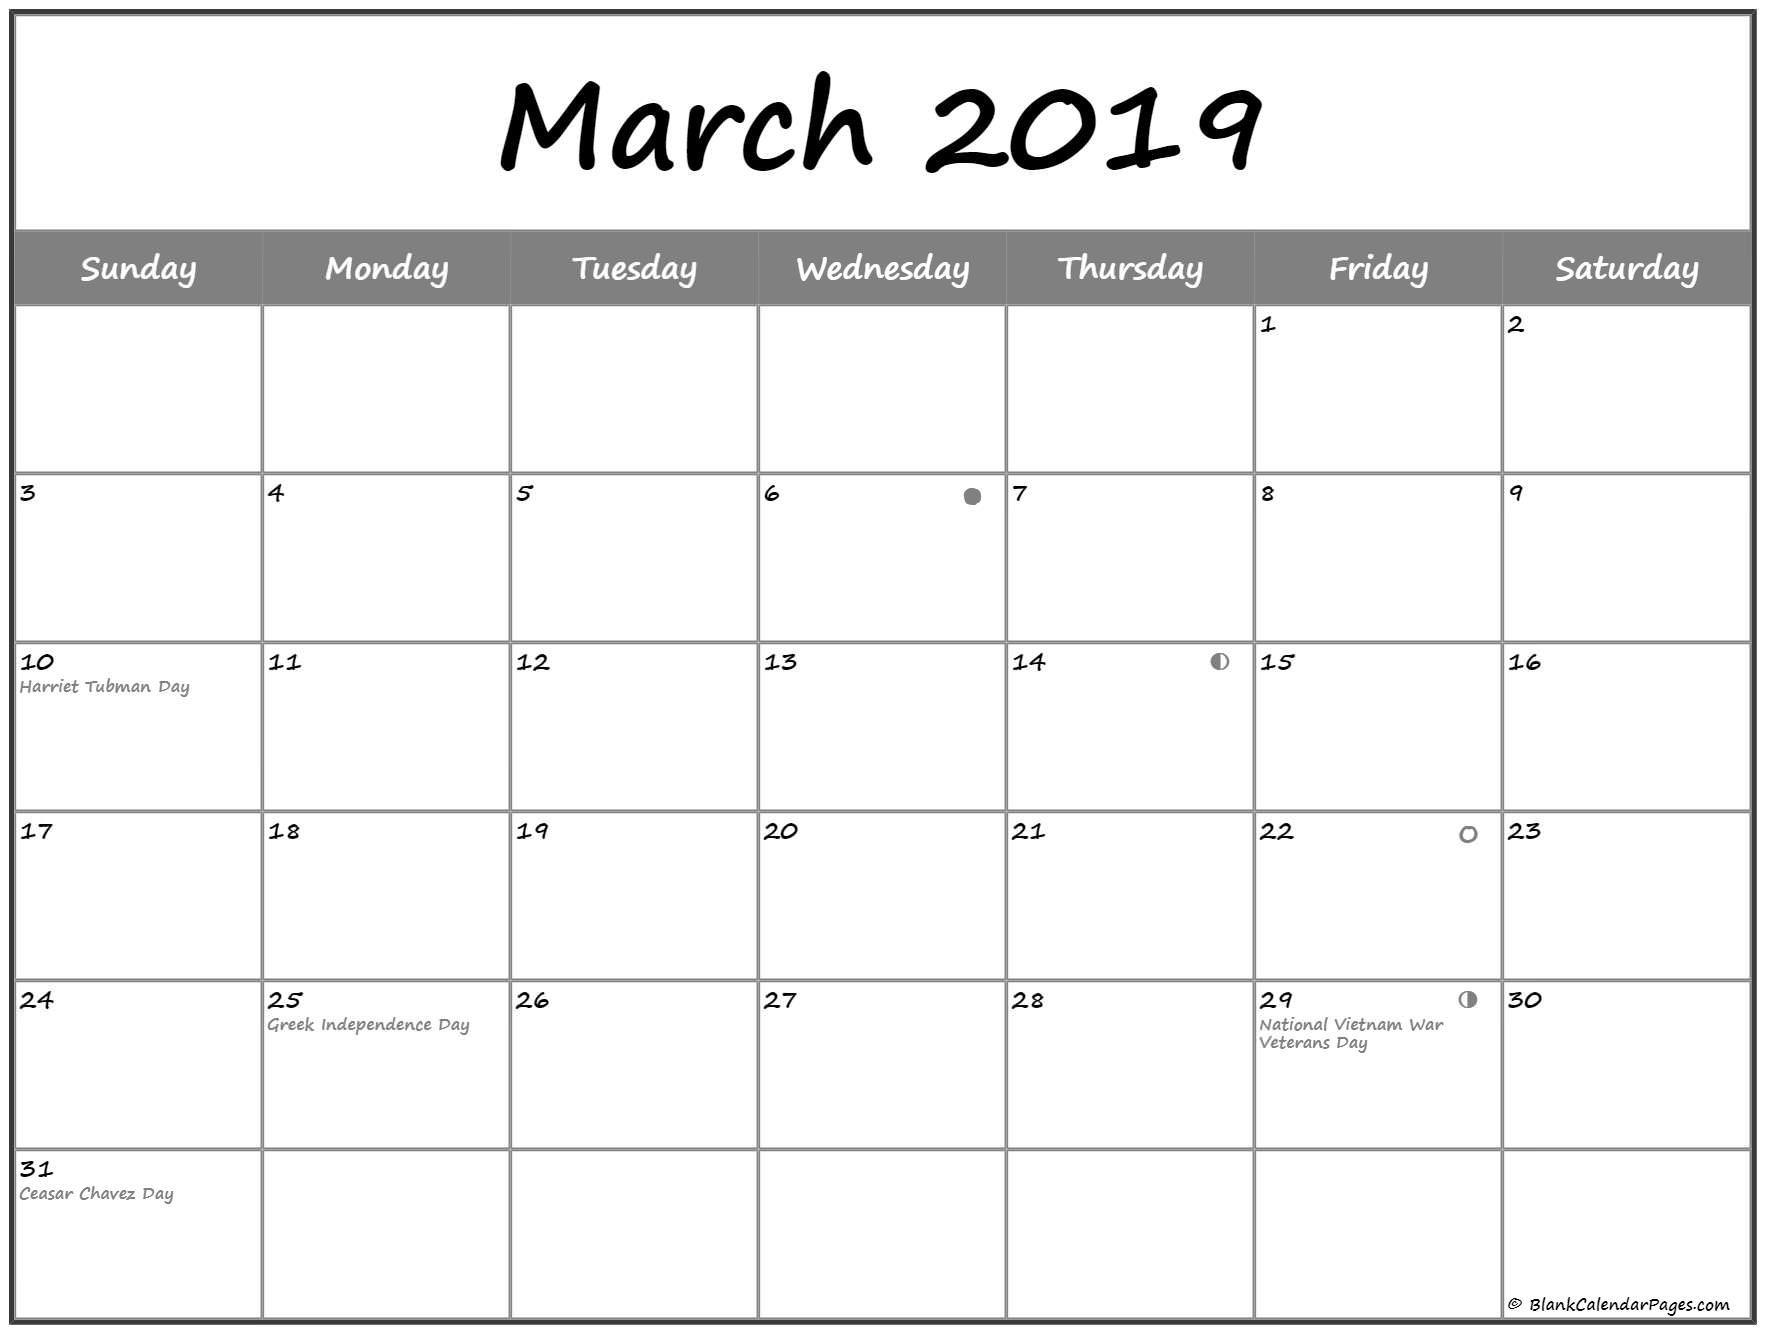 Moon Calendar 2019 Usa March 2019 Lunar calendar. moon phase calendar with USA holidays